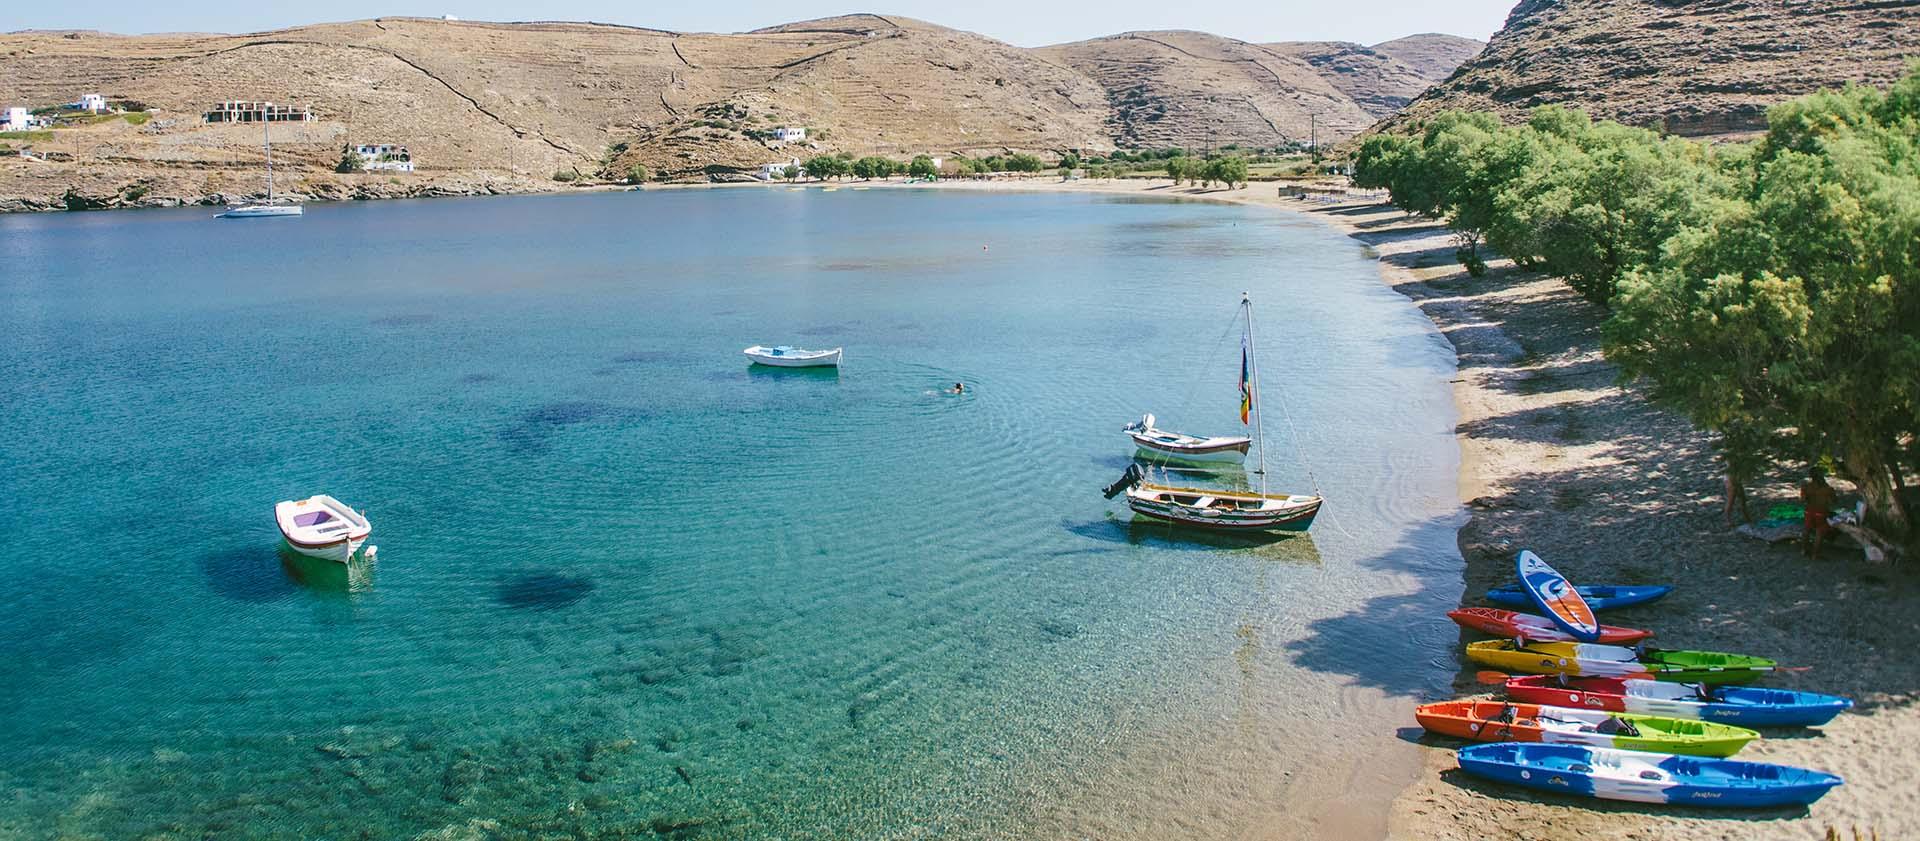 Ήσυχα και οικονομικά: Τρία νησιά με λίγο κόσμο, ιδανικά για το φετινό καλοκαίρι